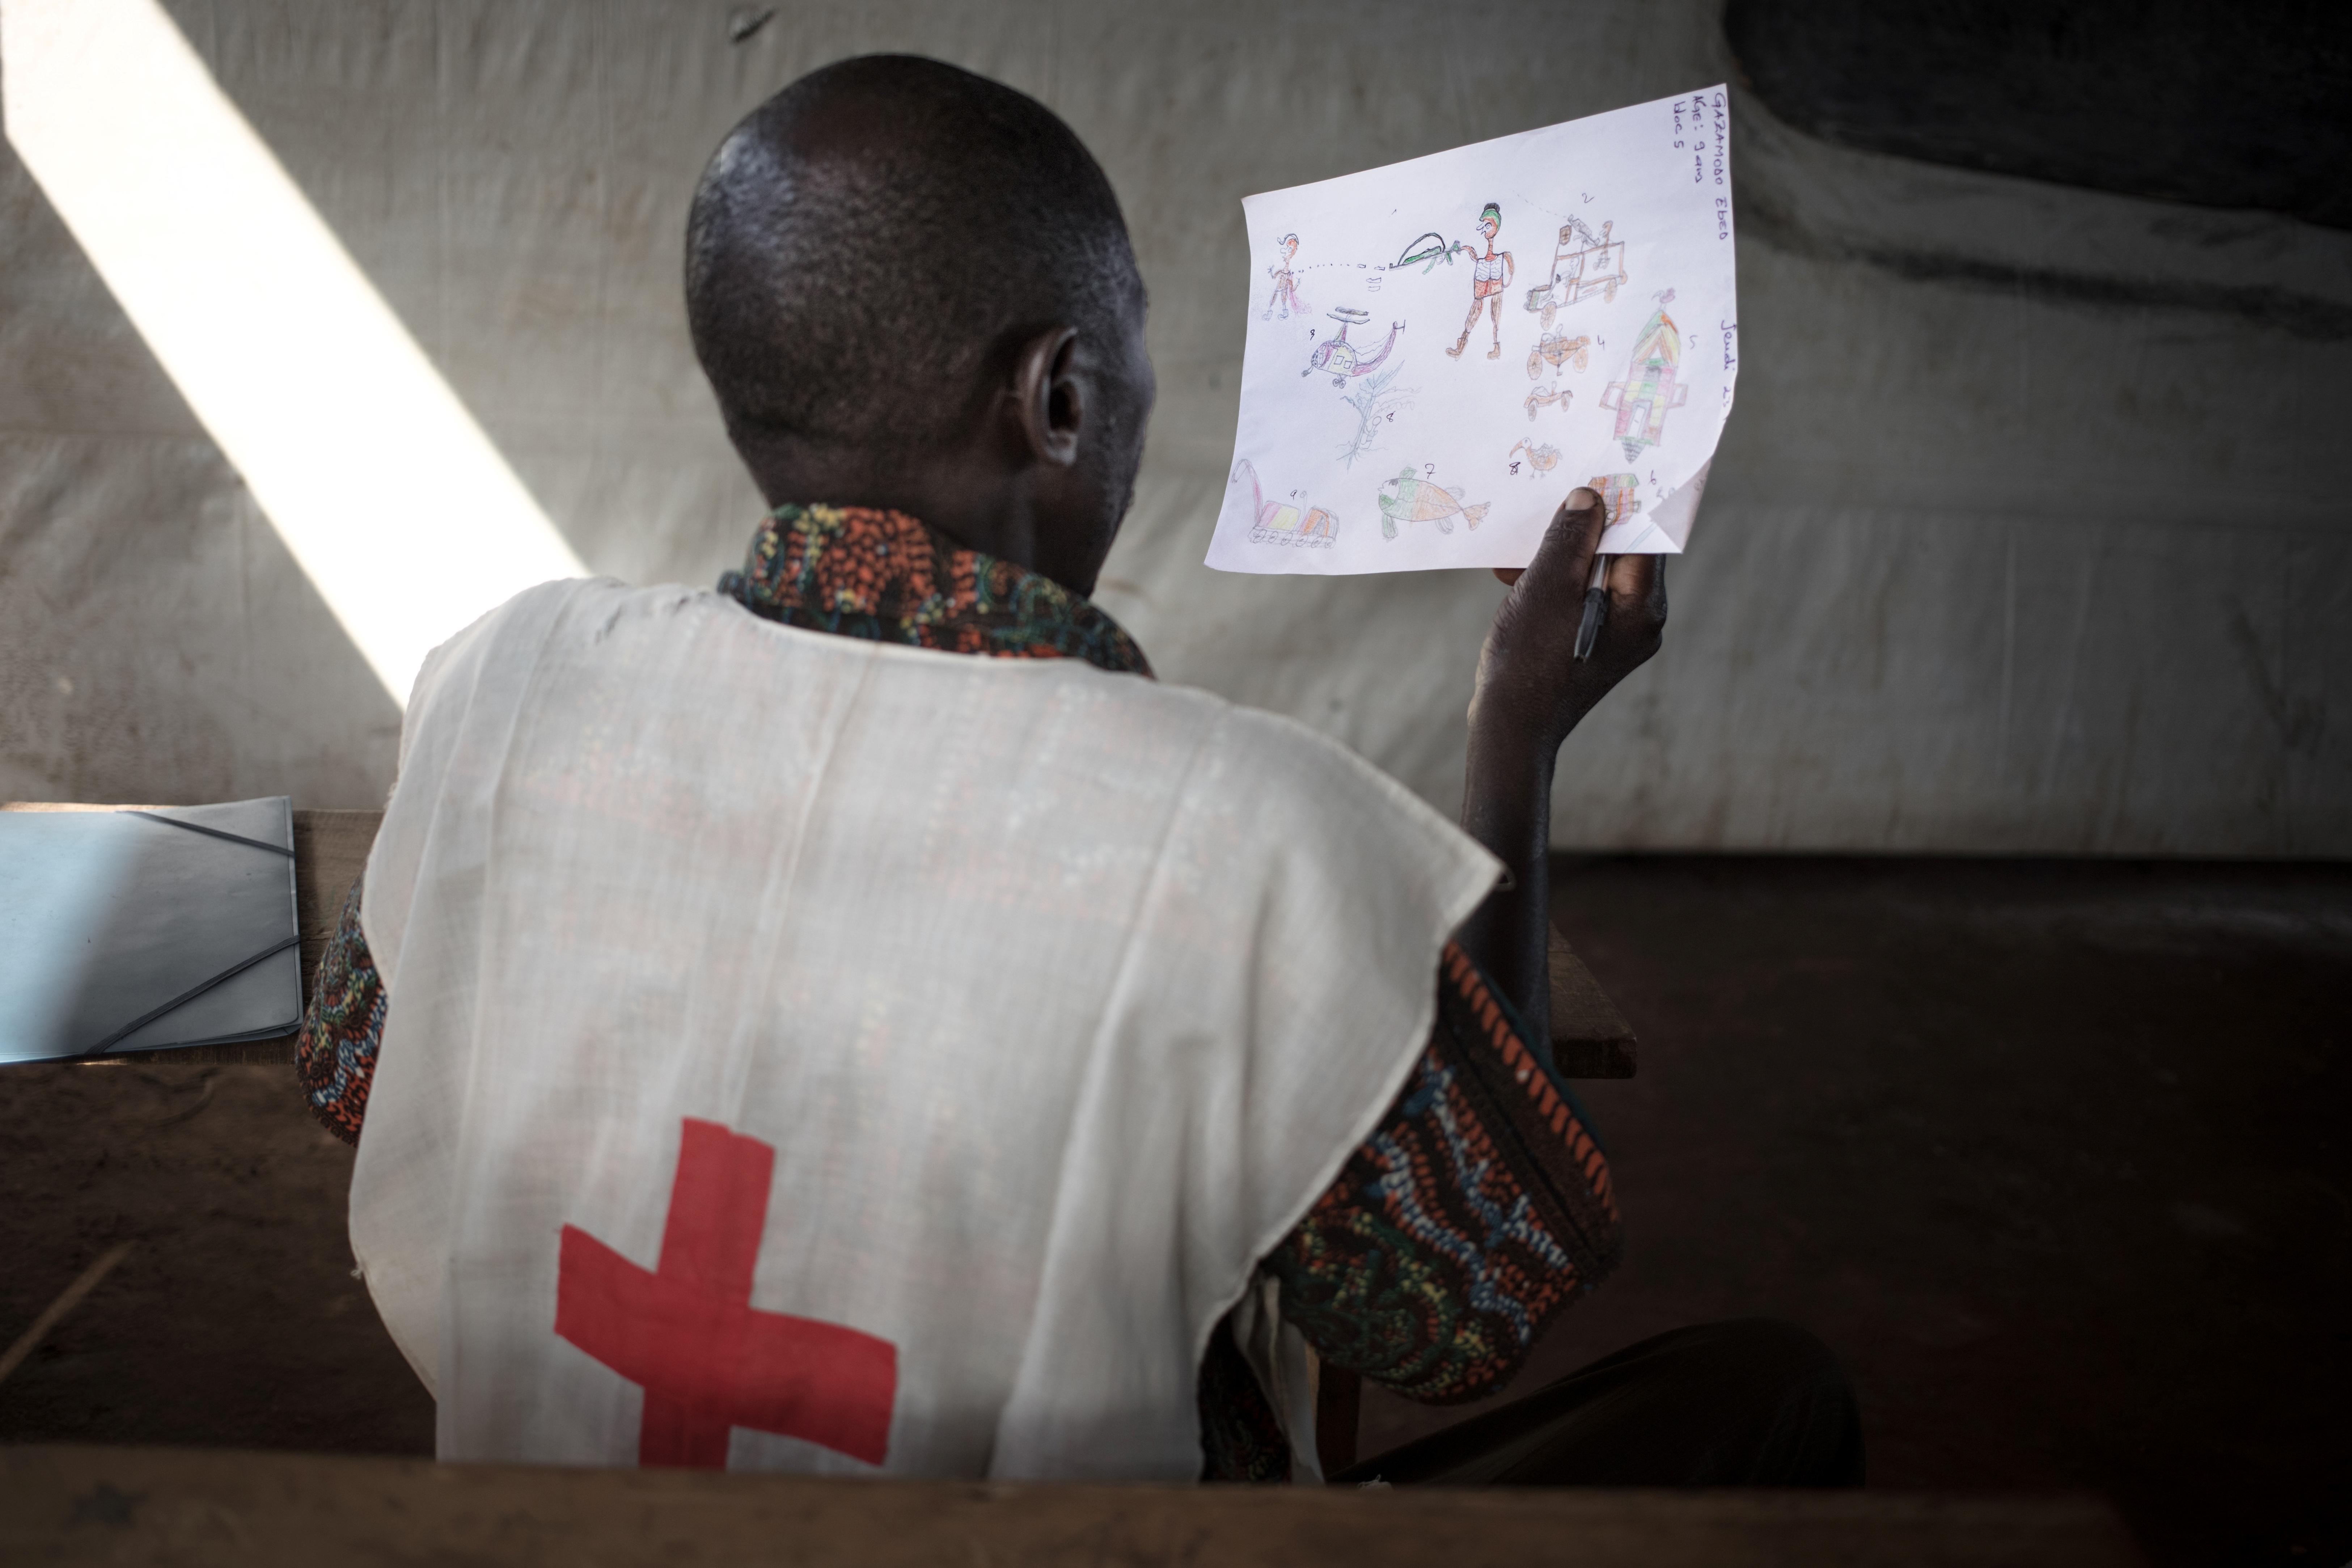 Vöröskereszt: Megduplázódhat a katasztrófakárosultak száma 2050-re